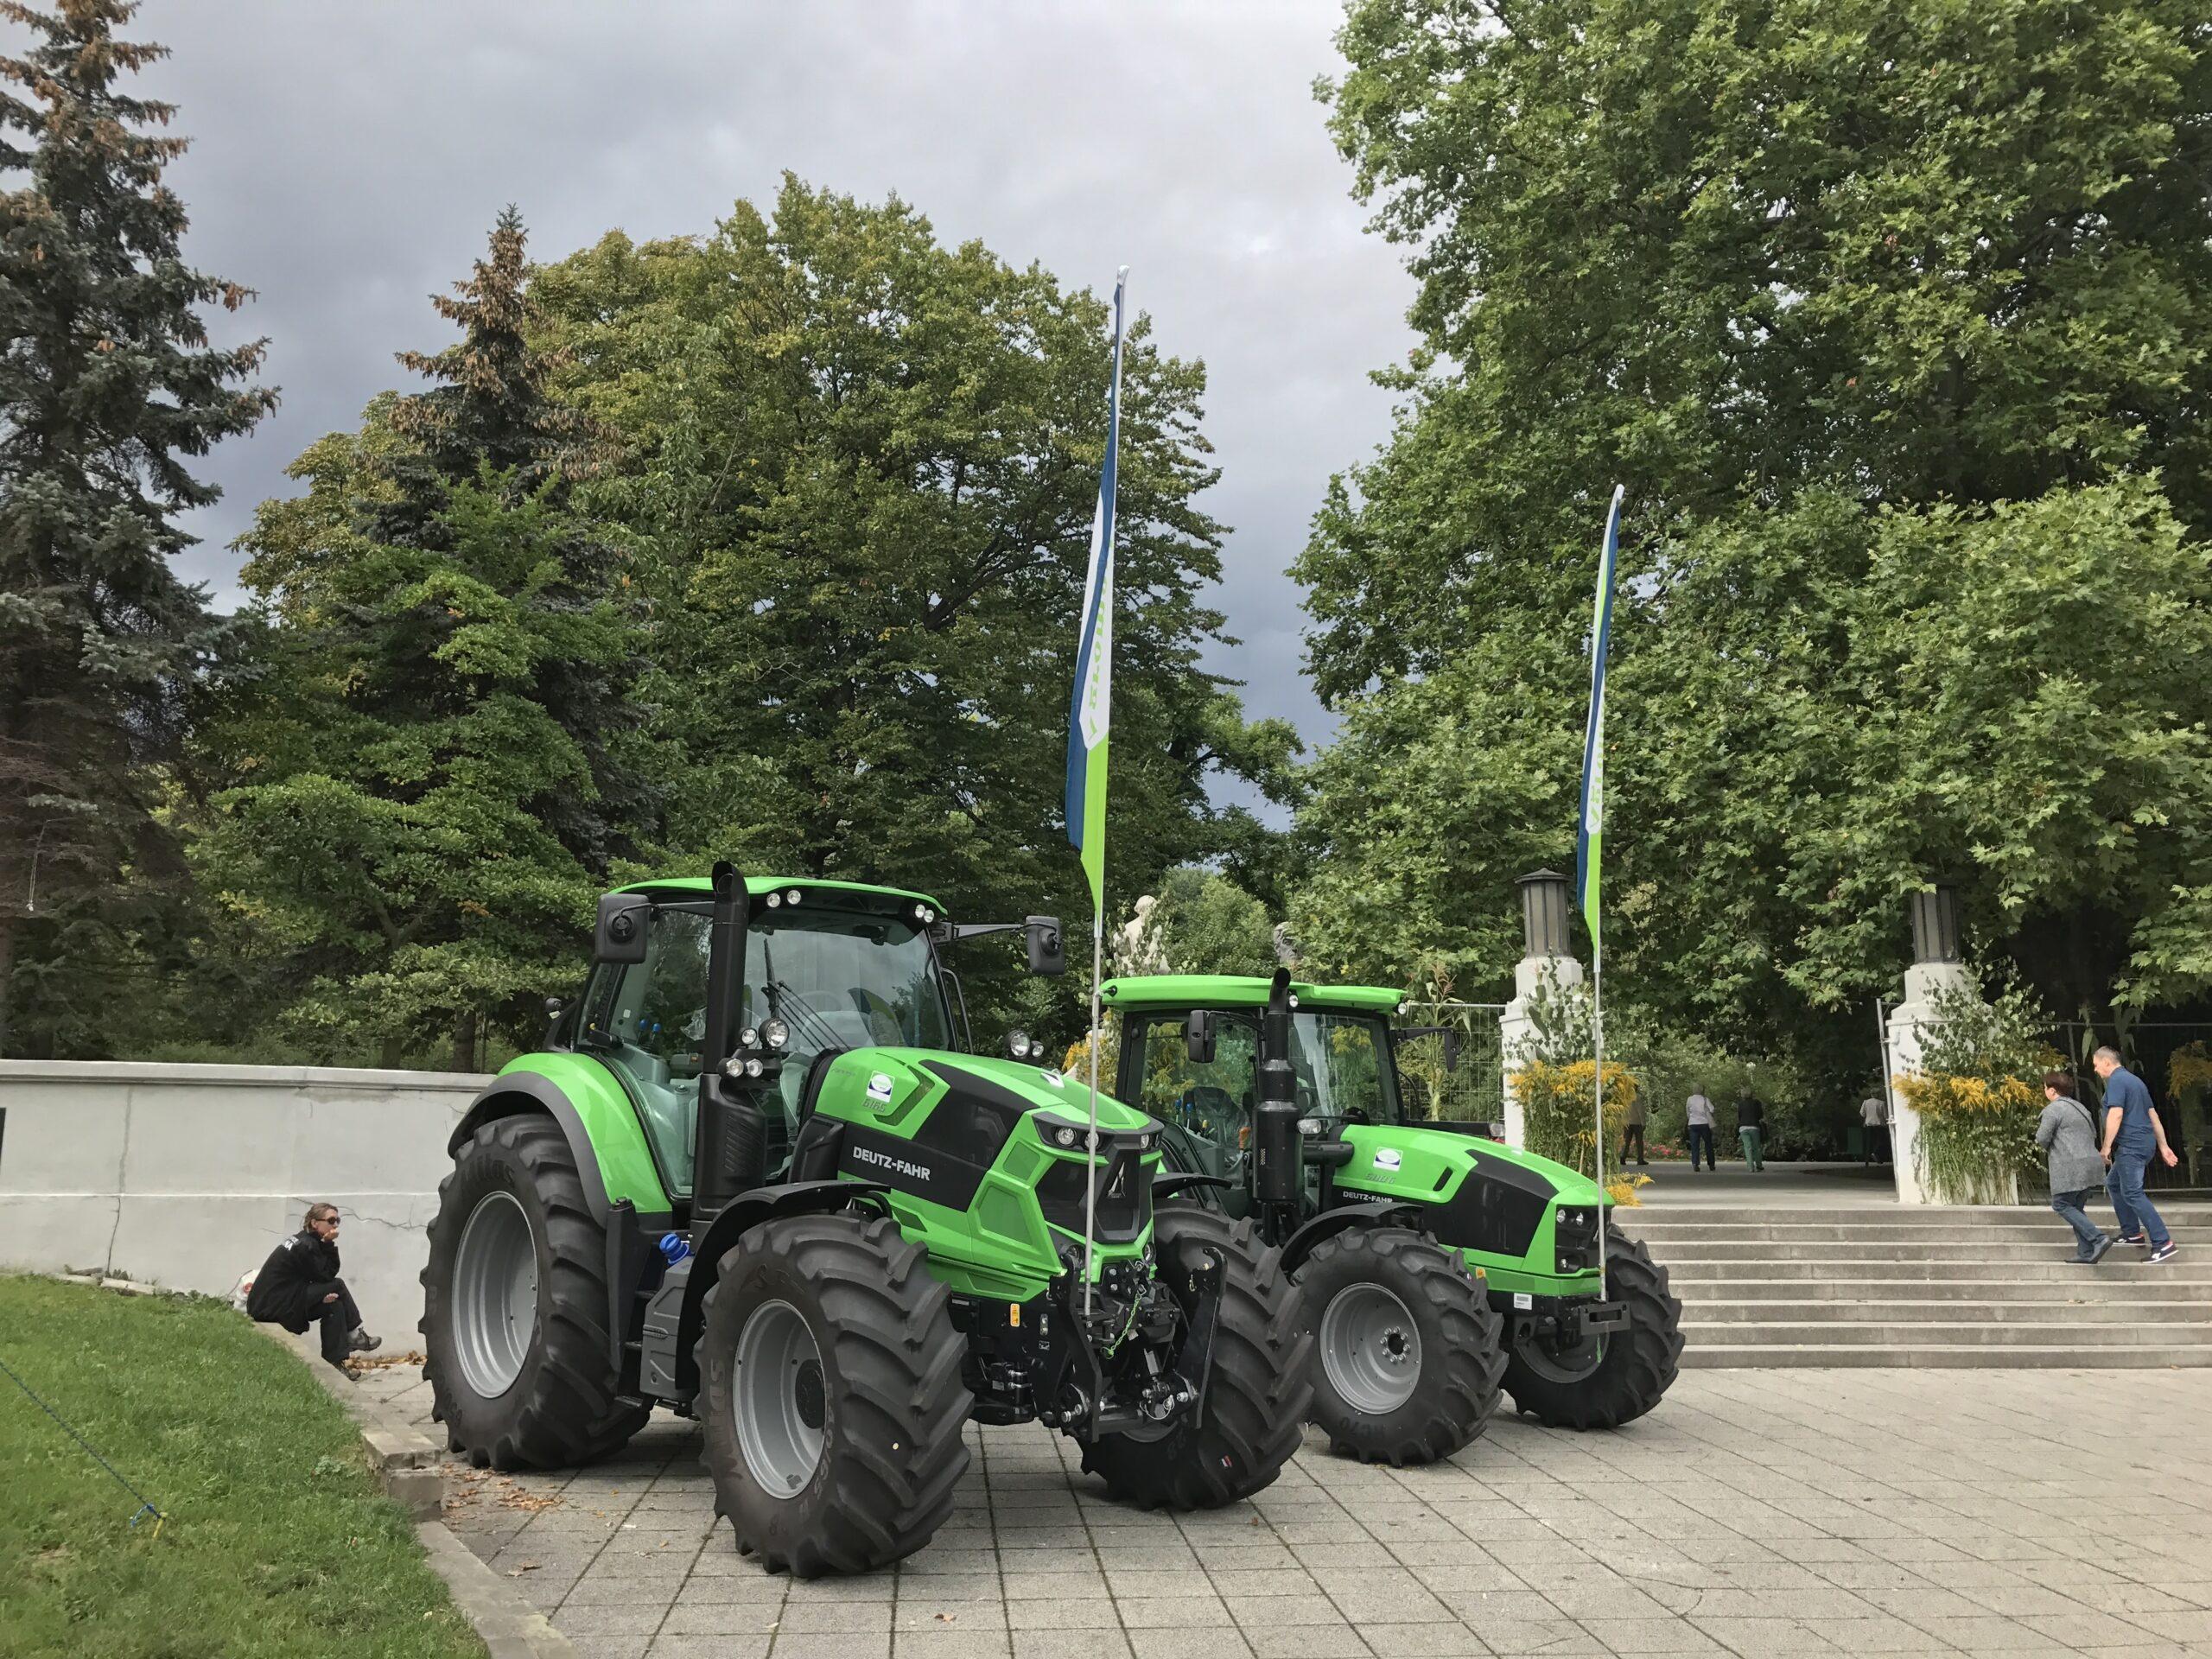 Rekordowa sprzedaż ciągników rolniczych w Polsce. Mimo że ich ceny rosną